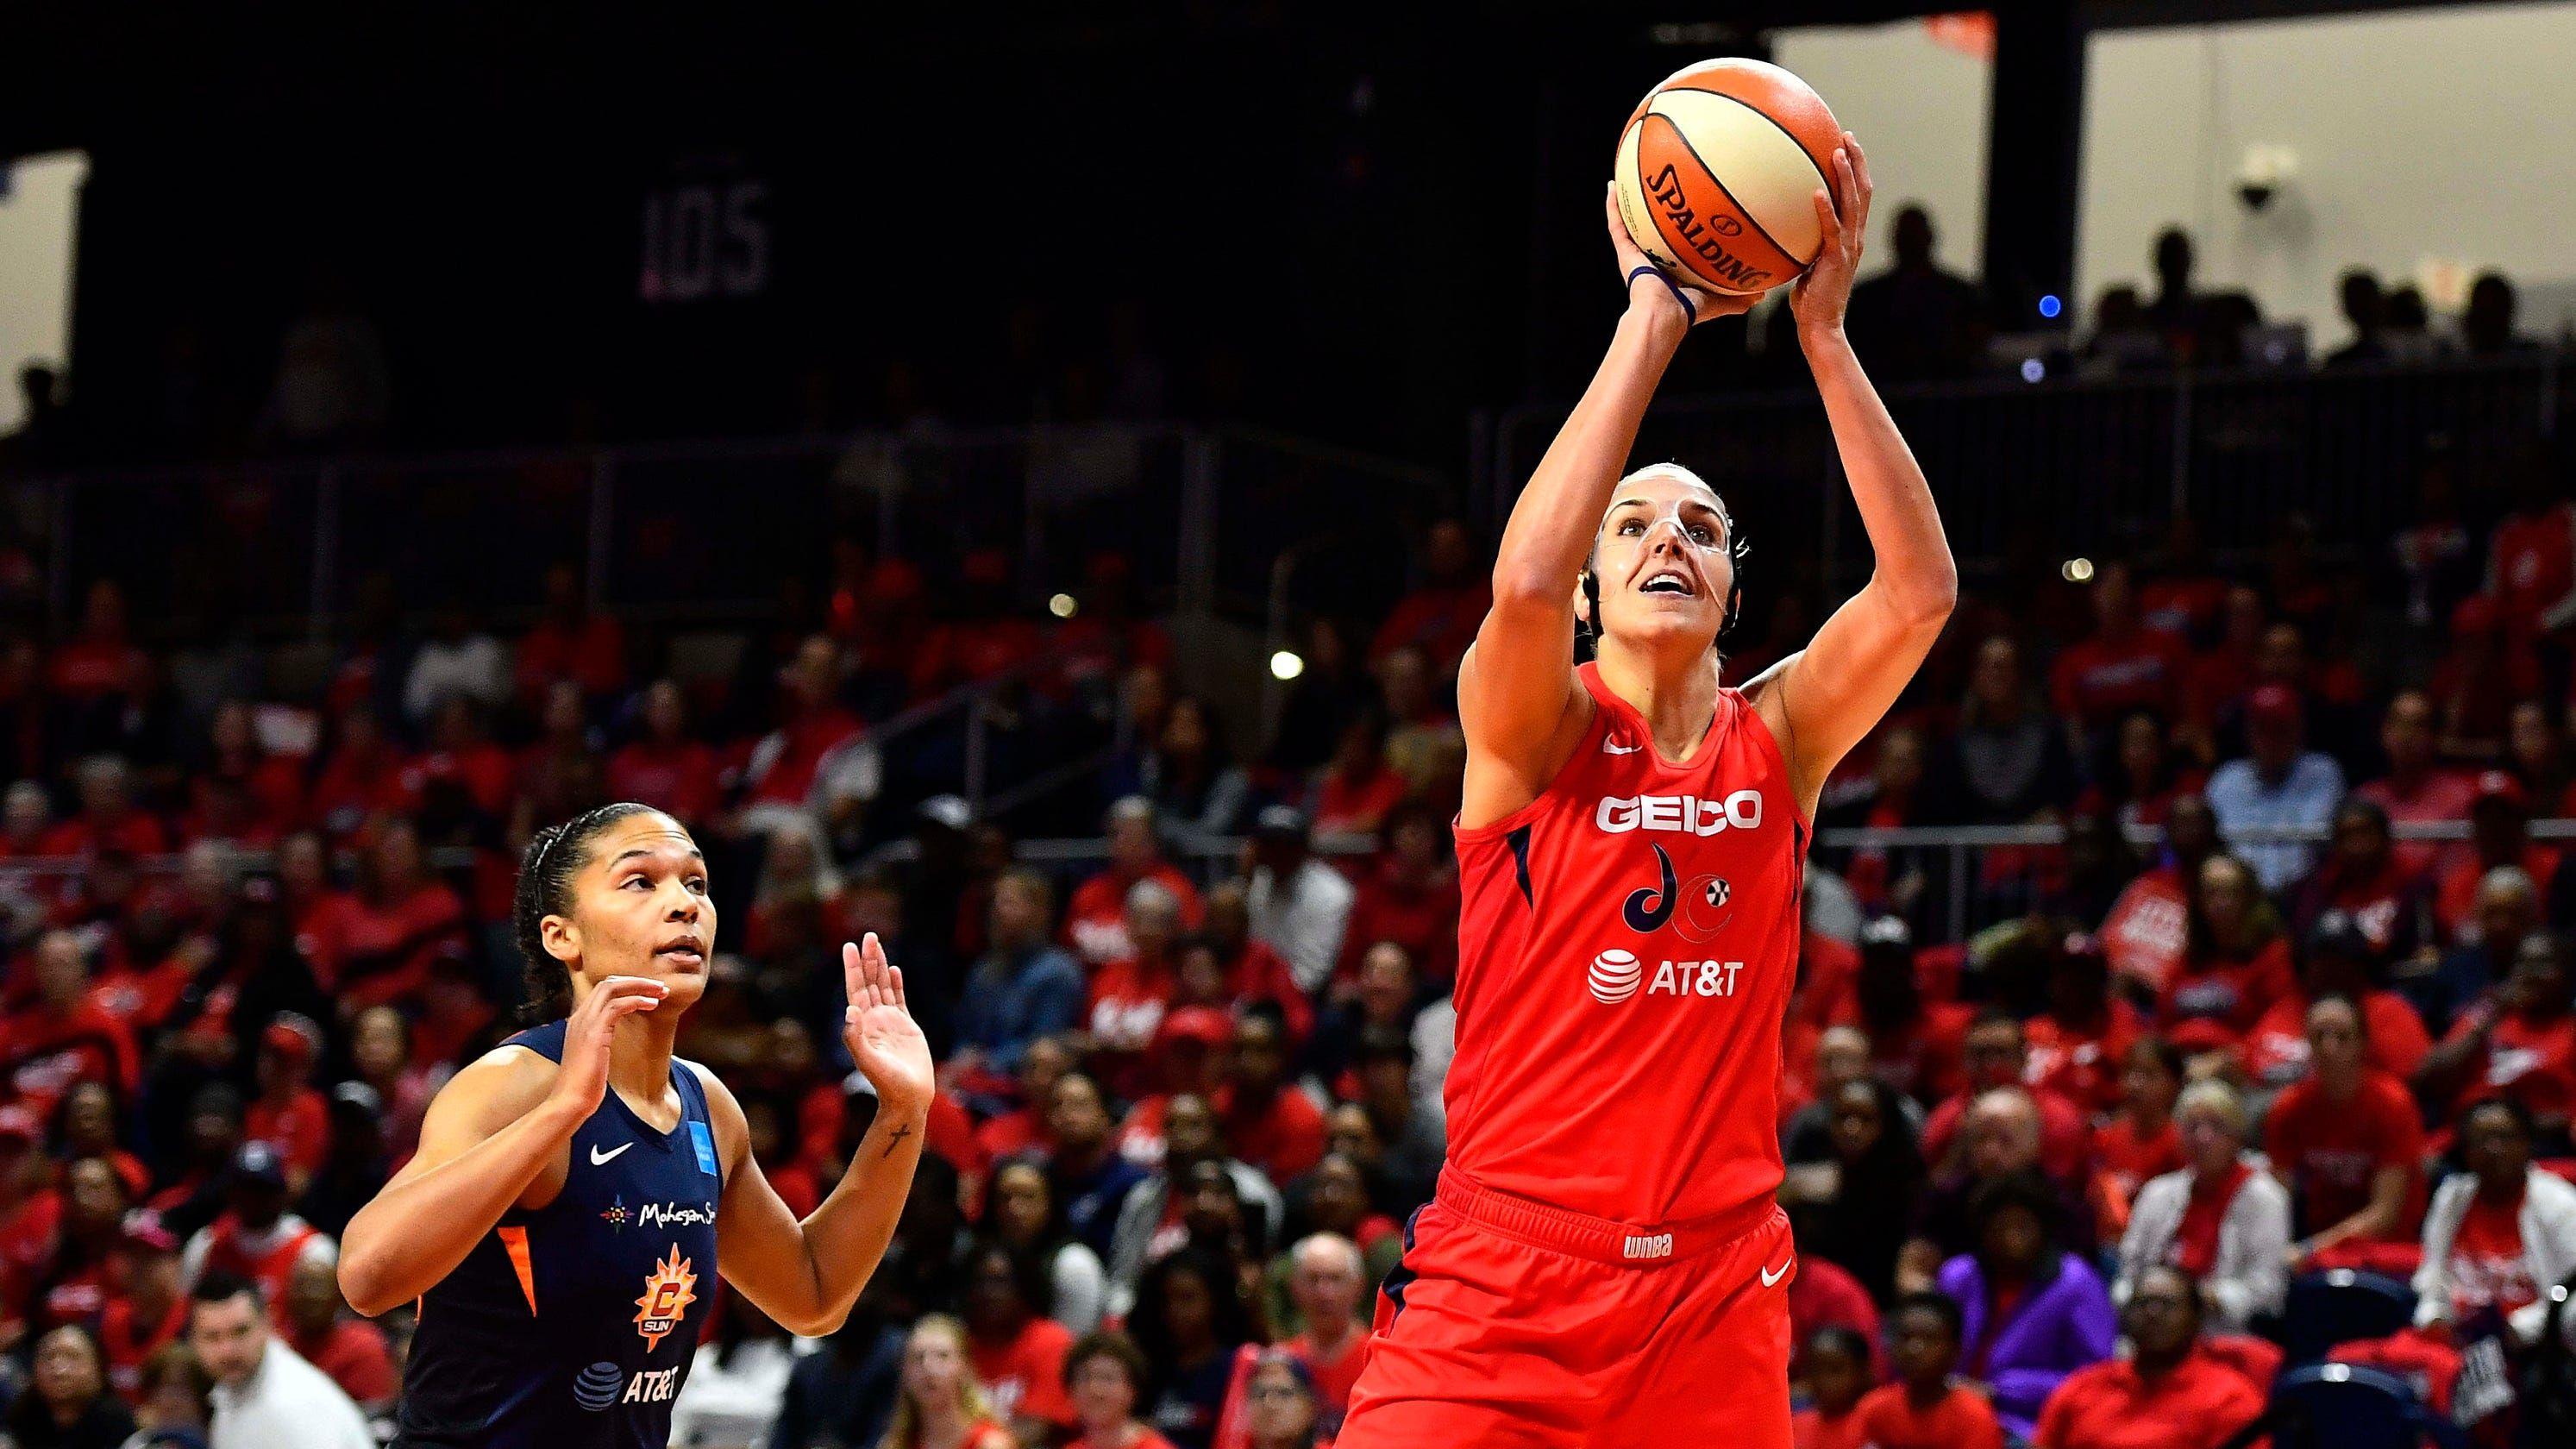 Washington Mystics beat Connecticut Sun to win first WNBA